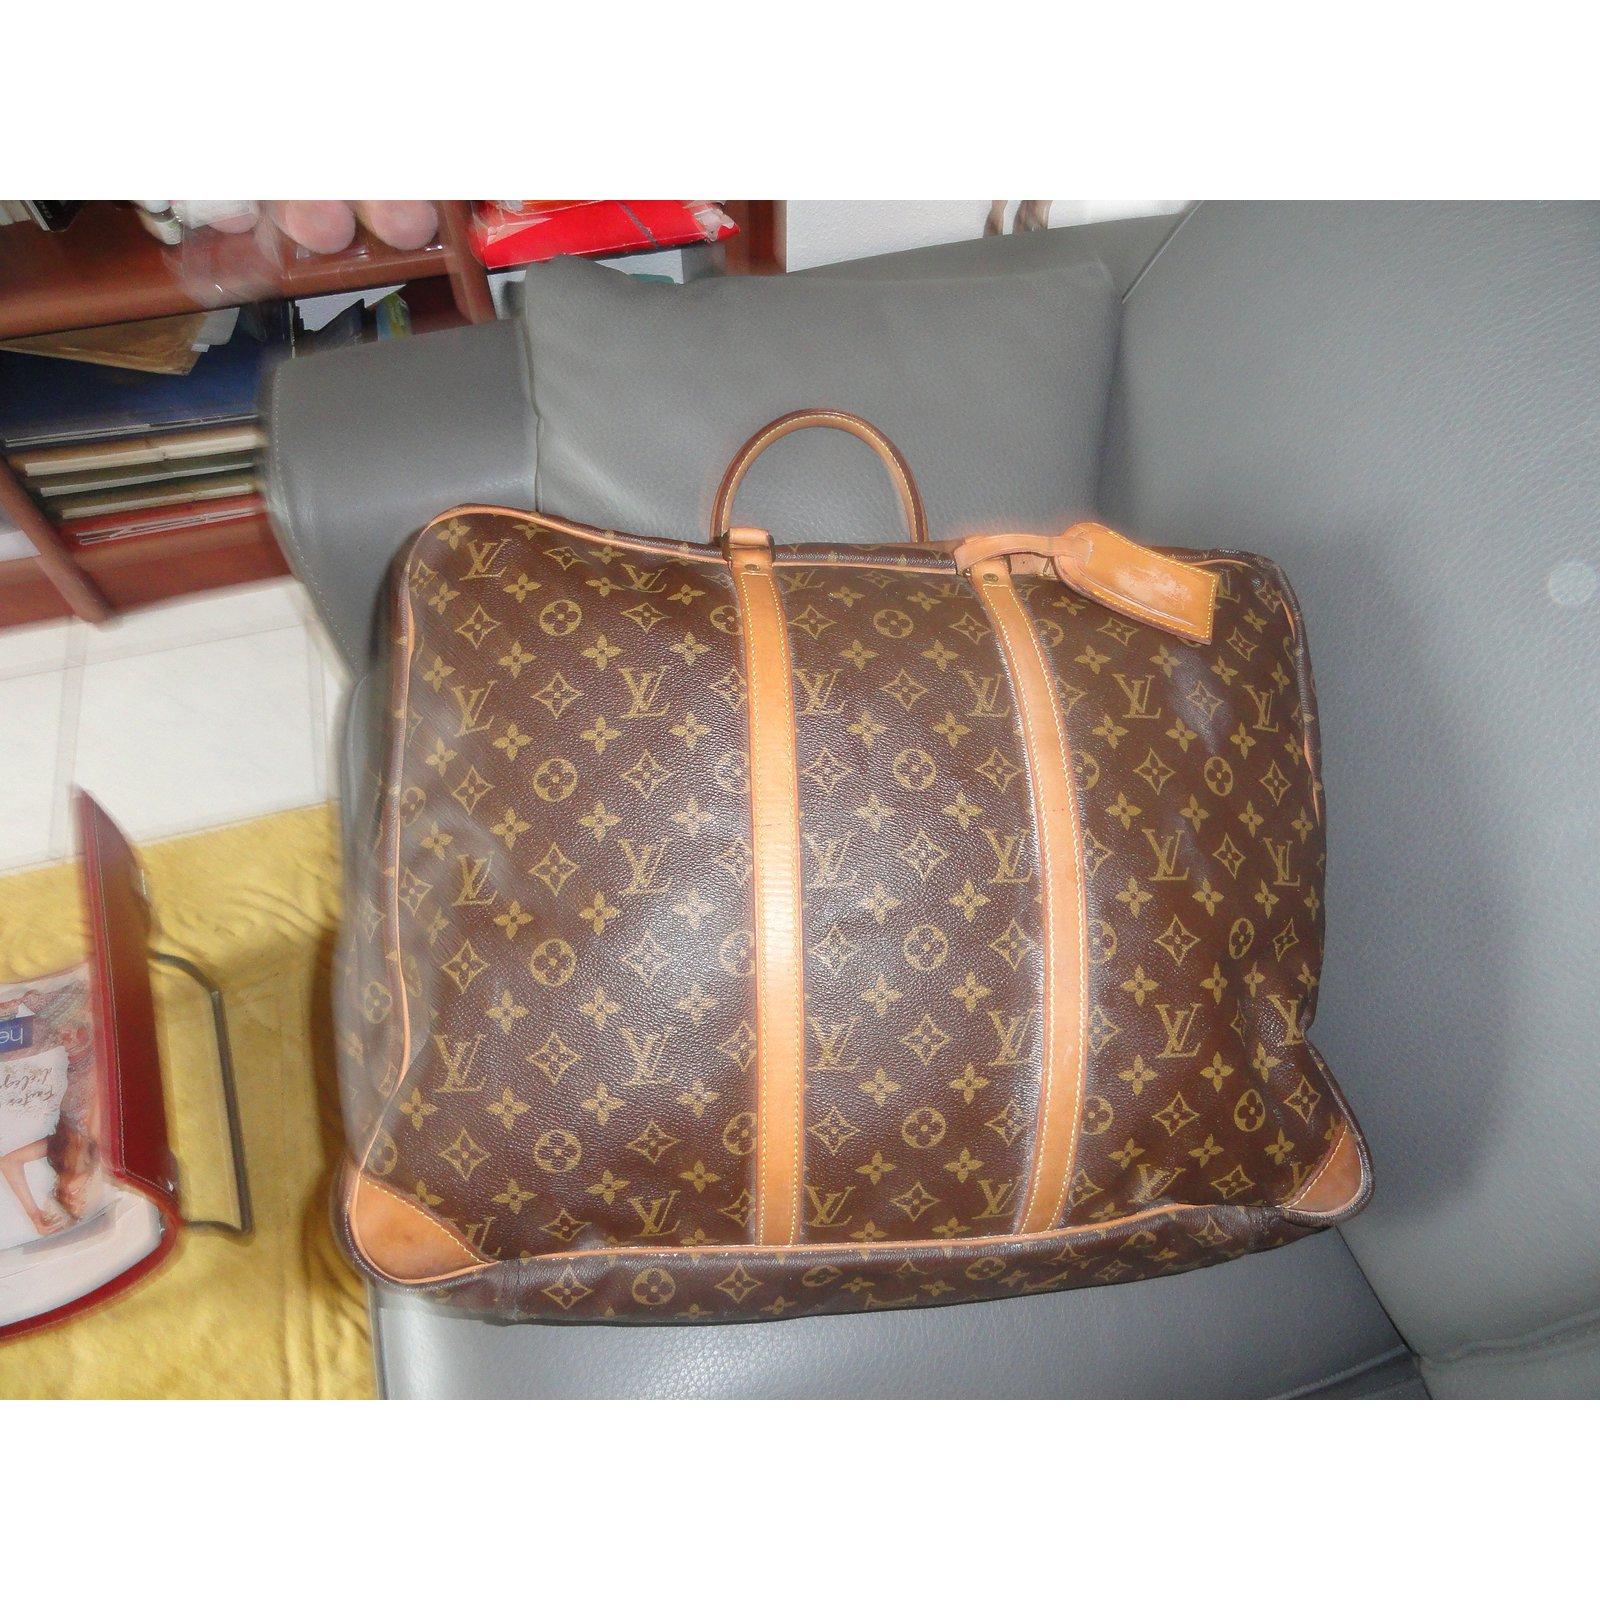 Sacs de voyage Louis Vuitton sac valise souple Synthétique Multicolore  ref.47032 - Joli Closet 7acc31c2dd7